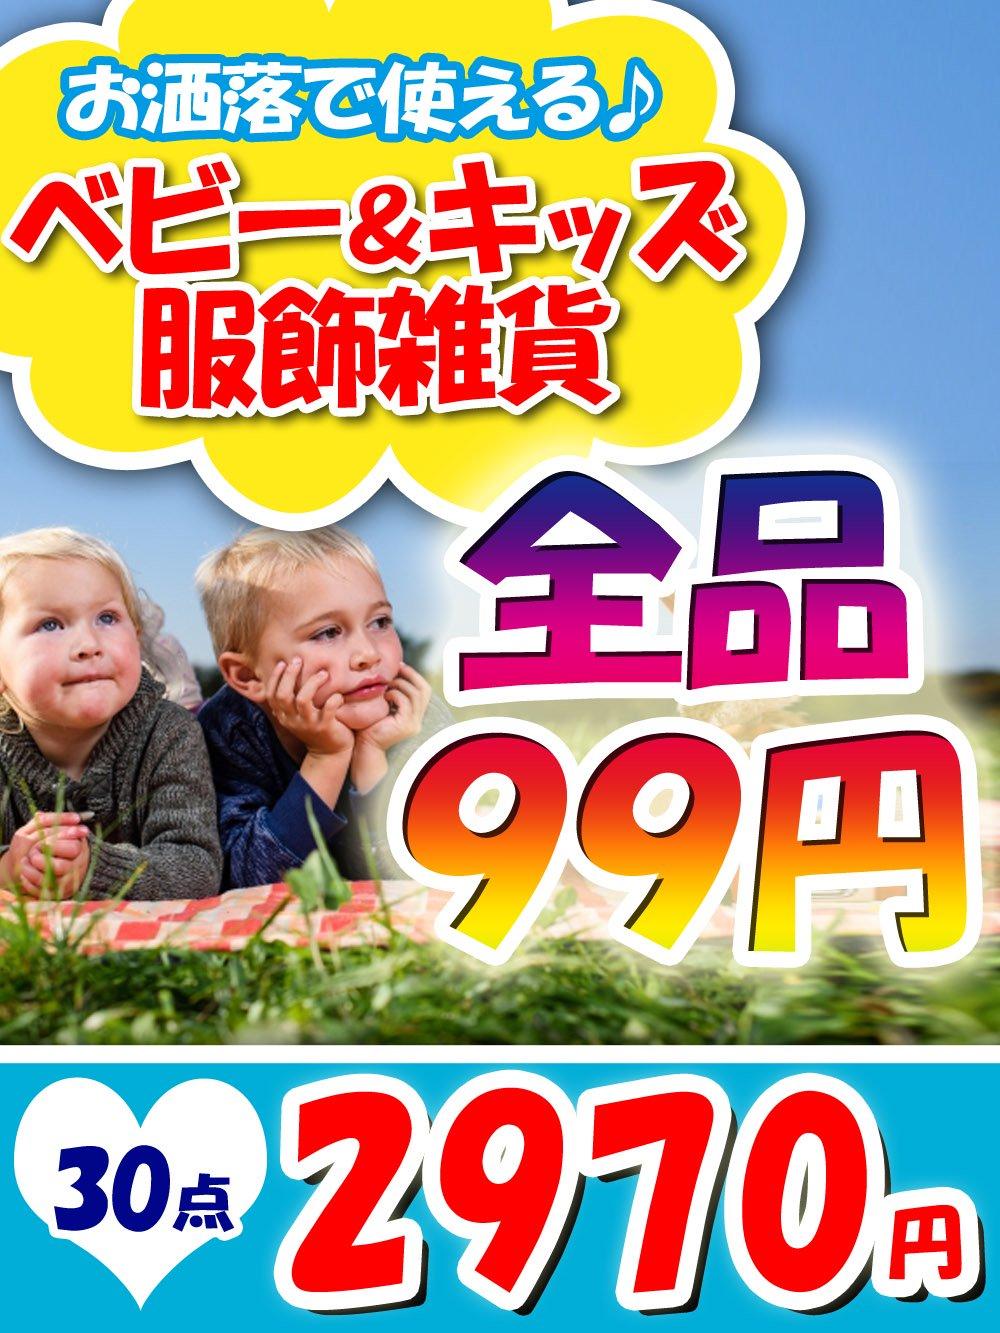 【キッズ雑貨全品99円】大注目!お洒落で使える服飾雑貨アラカルト【30点】@99